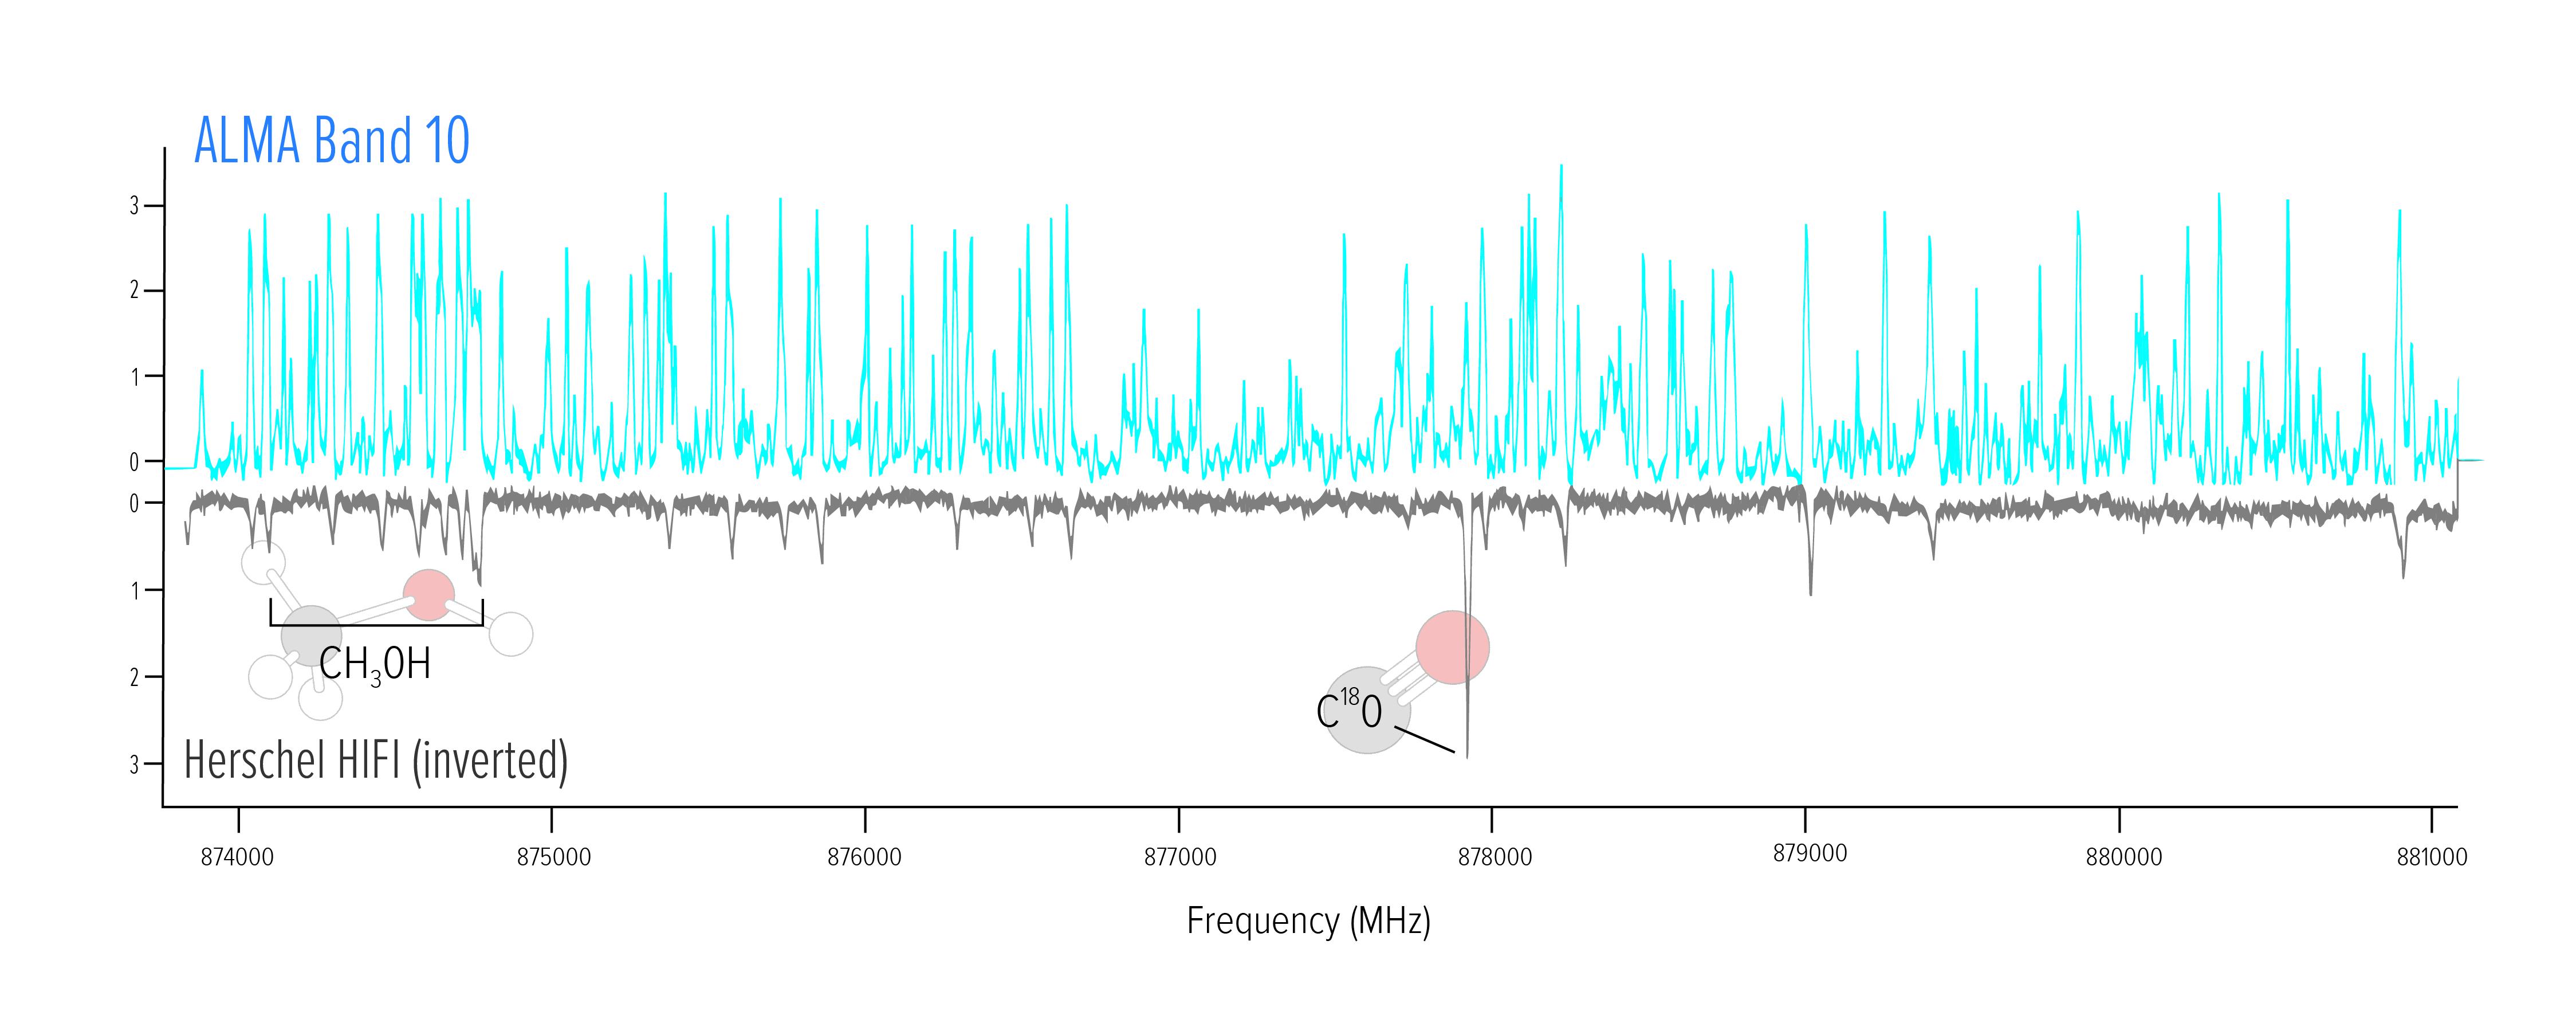 La parte superiore di questo grafico mostra in azzurro le righe spettrali che Alma ha rilevato in una regione di formazione stellare della Nebulosa Zampa di Gatto. La parte inferiore grigia (invertita specularmente per chiarezza) mostra invece lo spettro ottenuto dall'osservatorio spaziale Herschel. Due righe molecolari sono etichettate per riferimento. Crediti: Nrao/Aui/Nsf, B. McGuire et al. Tra gli elementi rilevati spicca la glicolaldeide, una forma semplice di zucchero, rintracciato vicino a una stella simile al Sole per la prima volta proprio da Alma nel 2012. Averlo trovato nei pressi di una protostella conferma che gli elementi da cui possono prendere origine gli aminoacidi – costituenti della vita – si trovano a disposizione della formazione planetaria.